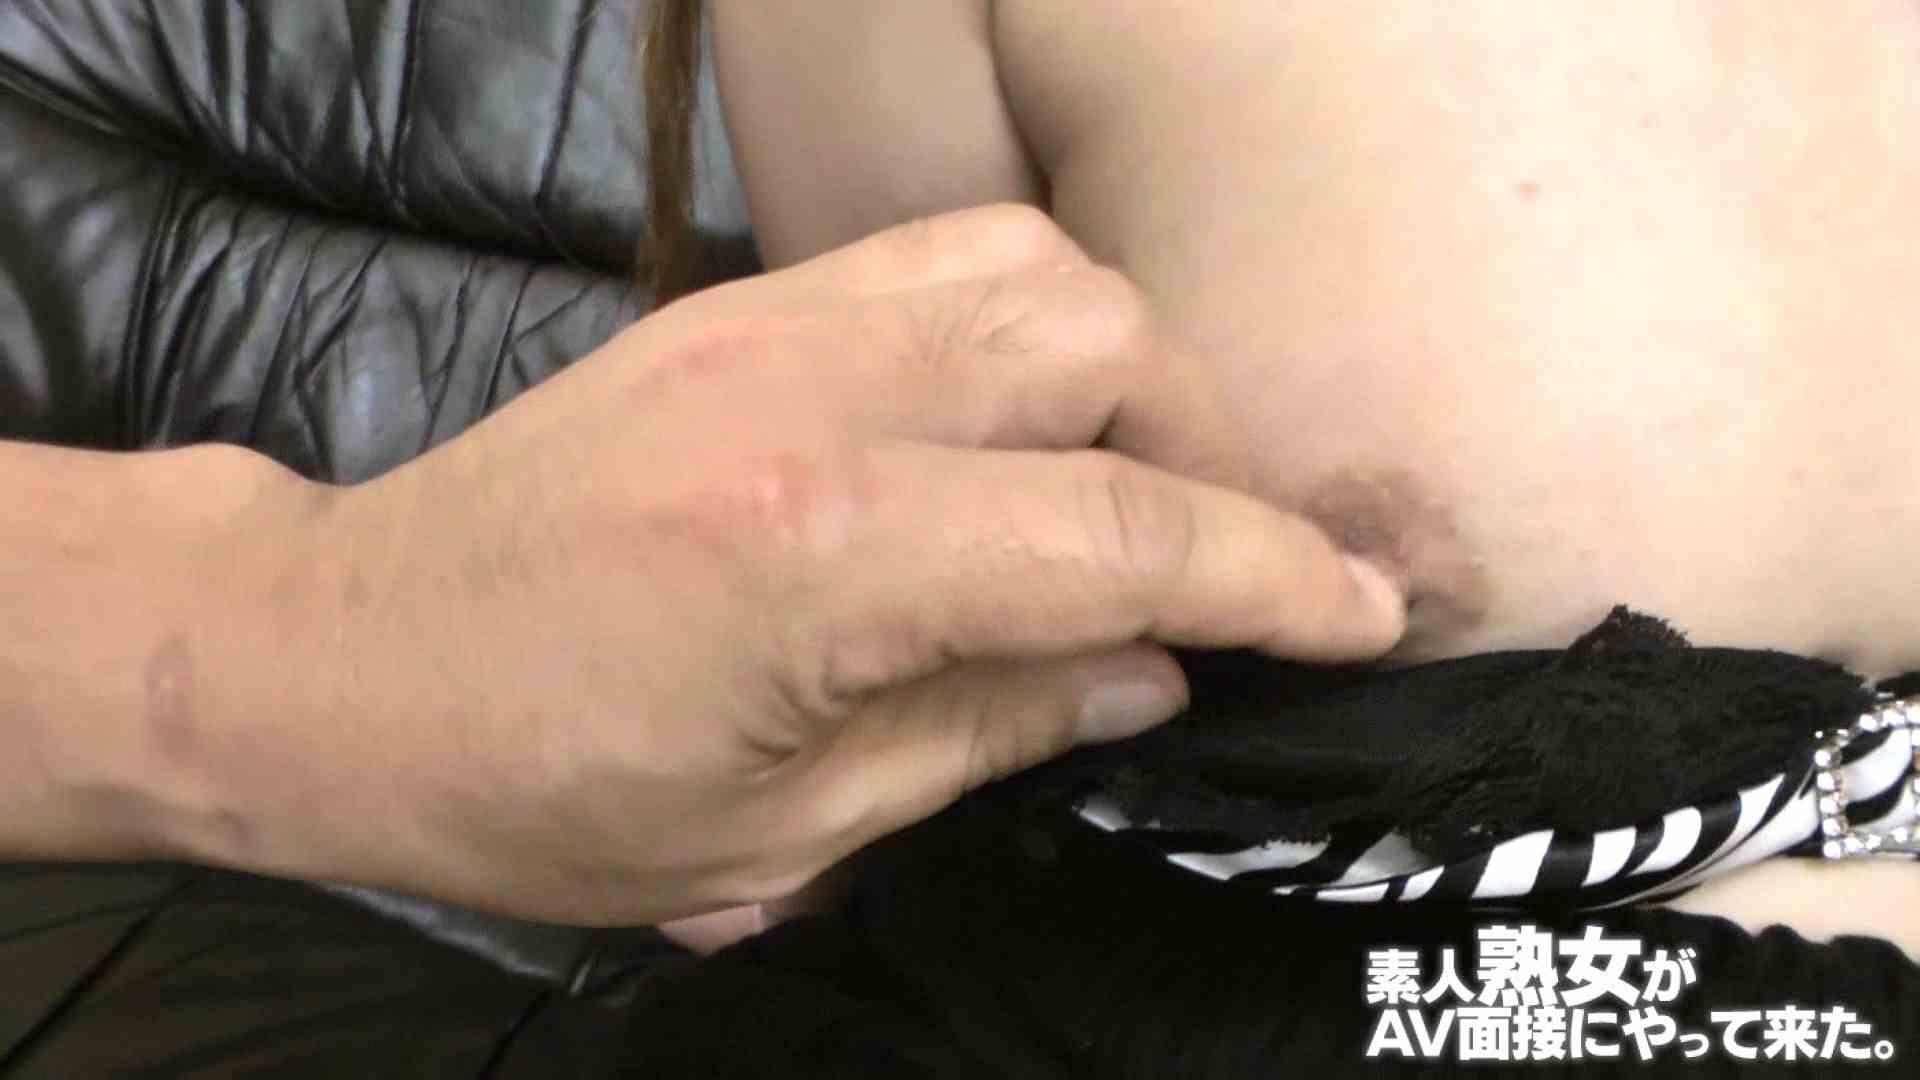 素人熟女がAV面接にやってきた (仮名)ゆかさんVOL.03 OL裸体 | 素人  52画像 31